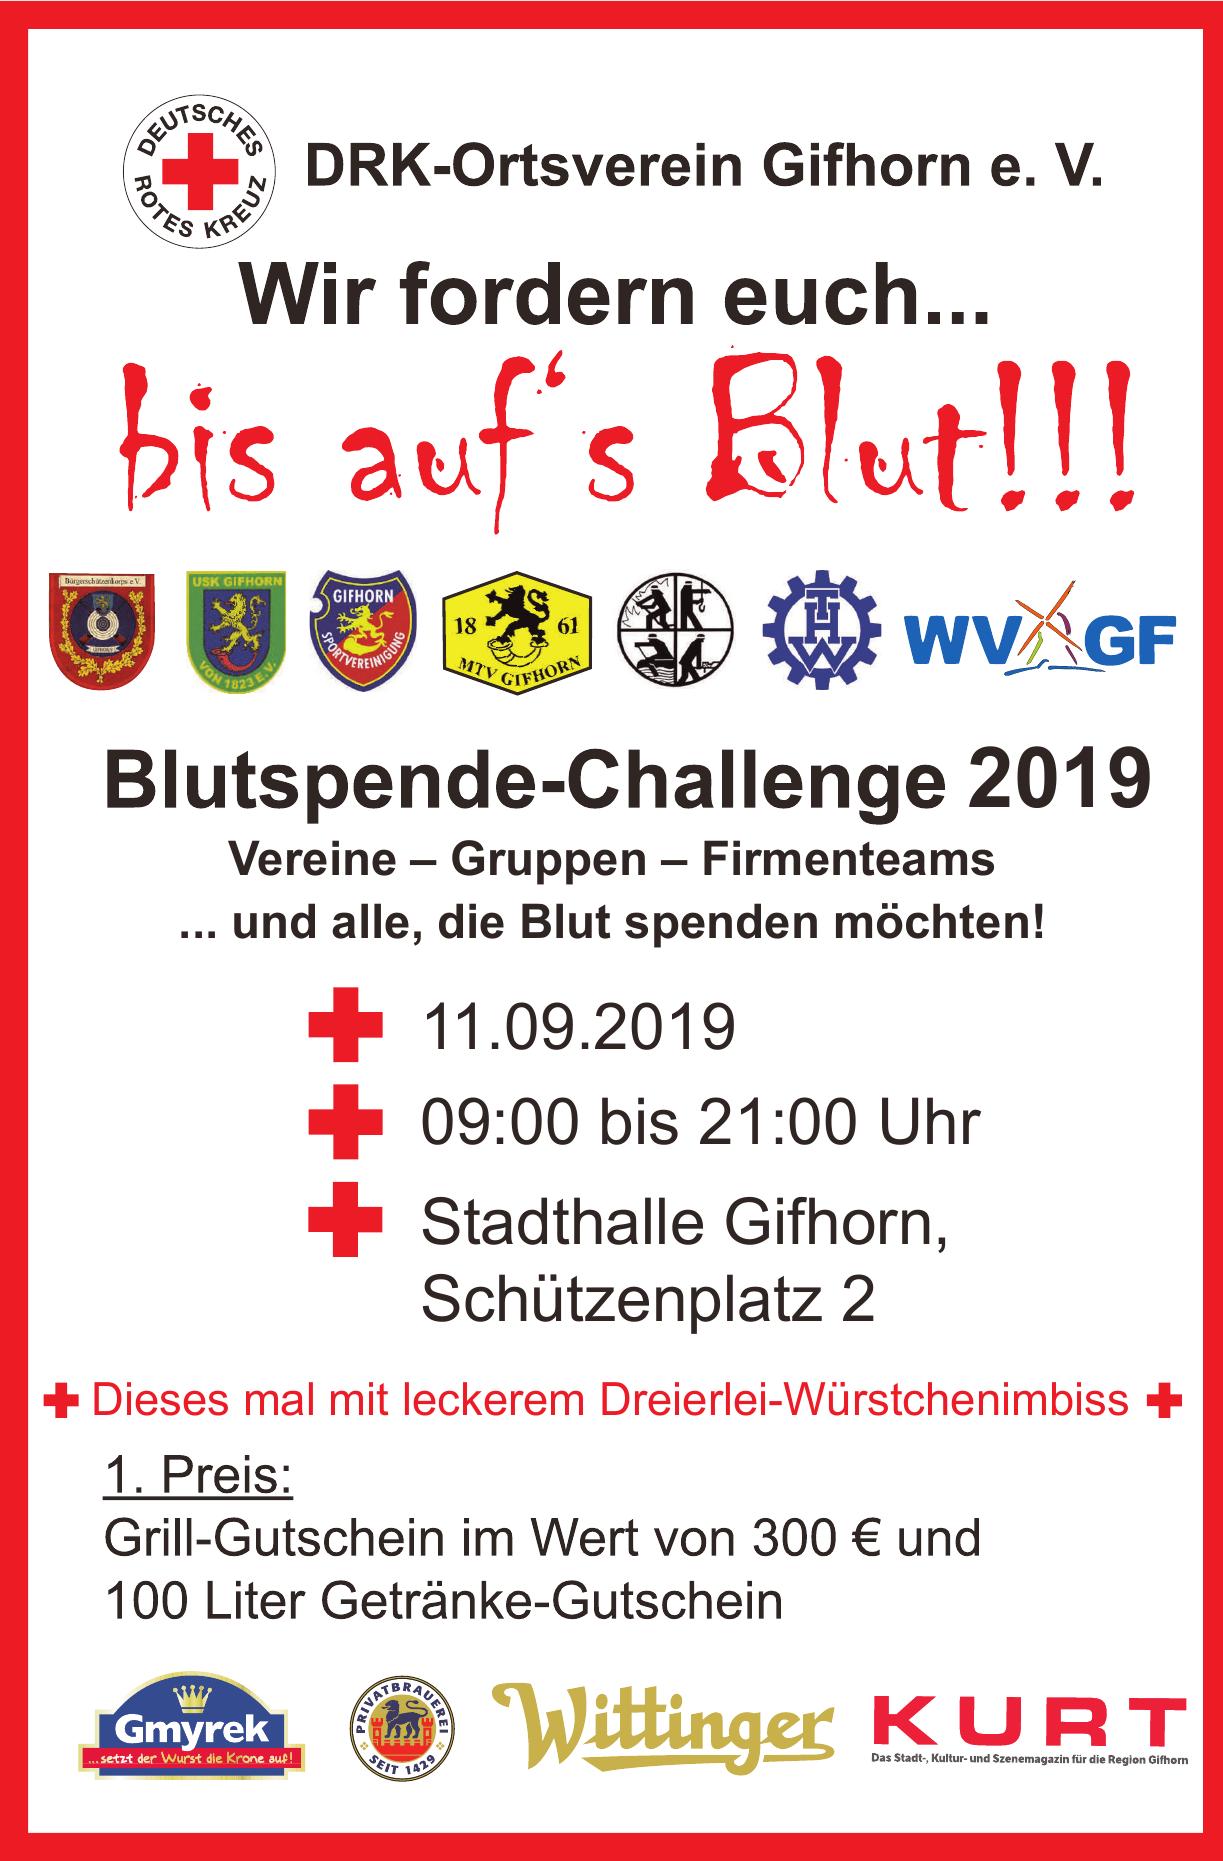 DRK-Ortsverein Gifhorn e. V.